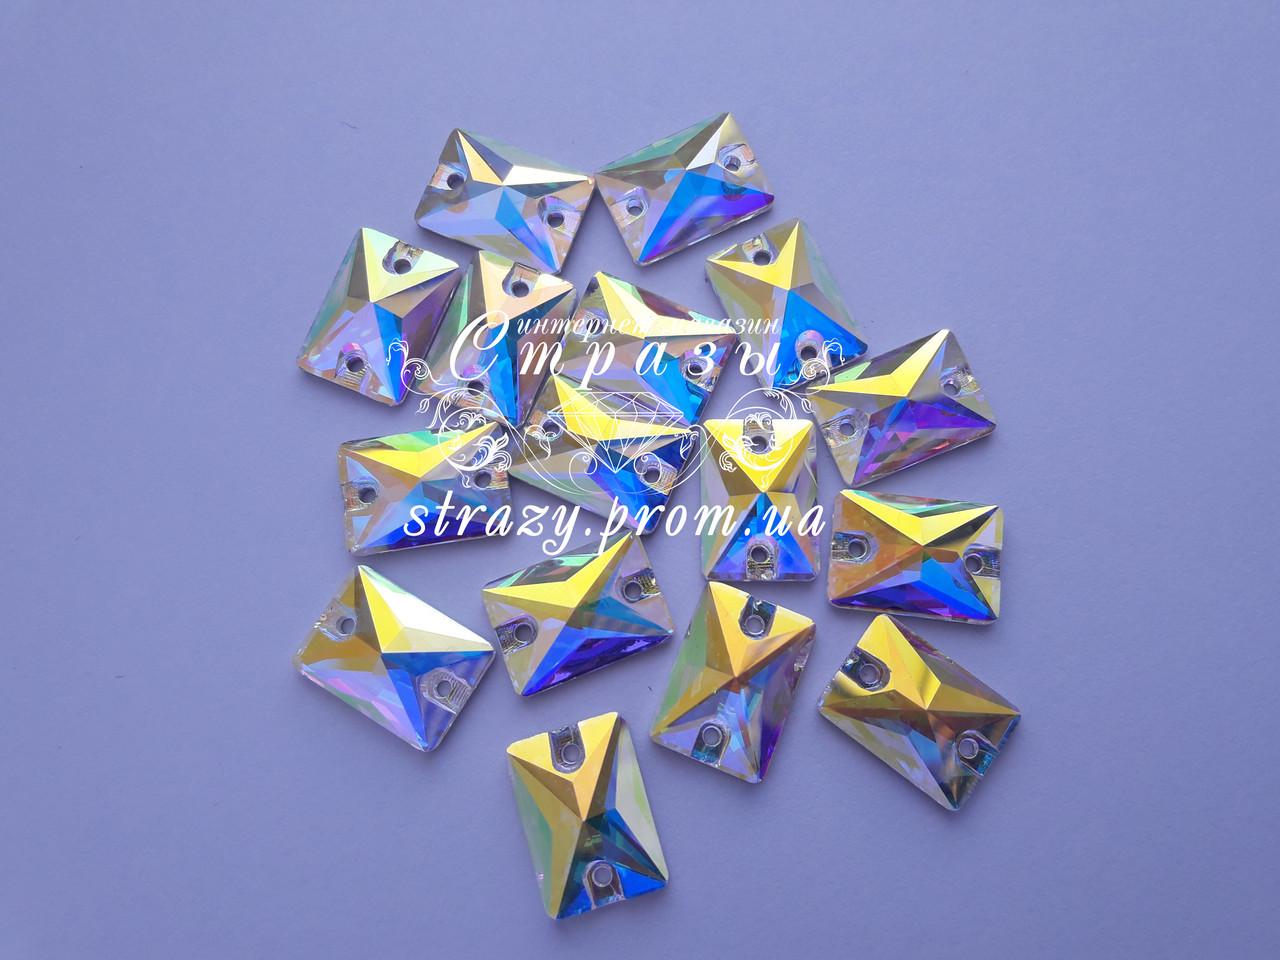 Стразы пришивные SWARO Прямоугольник 10*14мм. Стекло Crystal AB